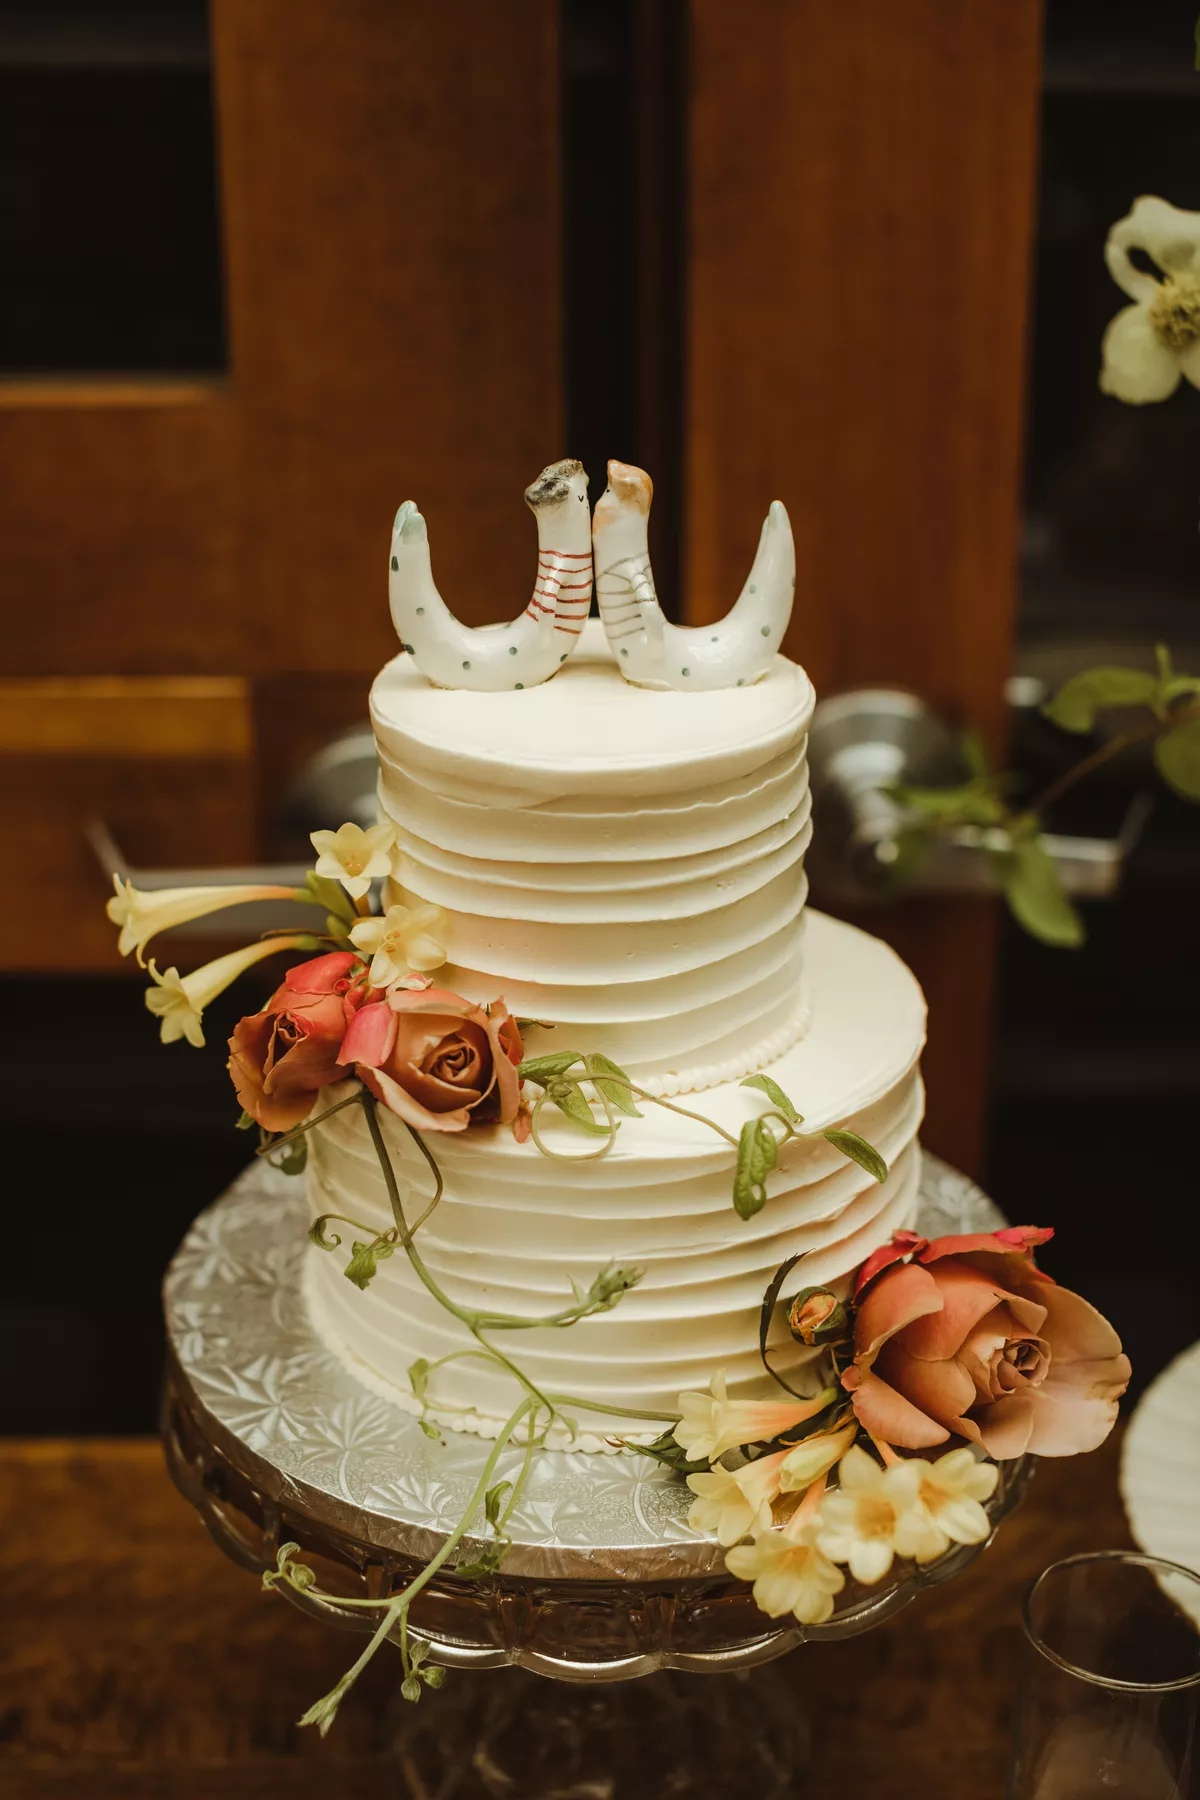 KSzuz3jtysU - Маленькие свадебные торты